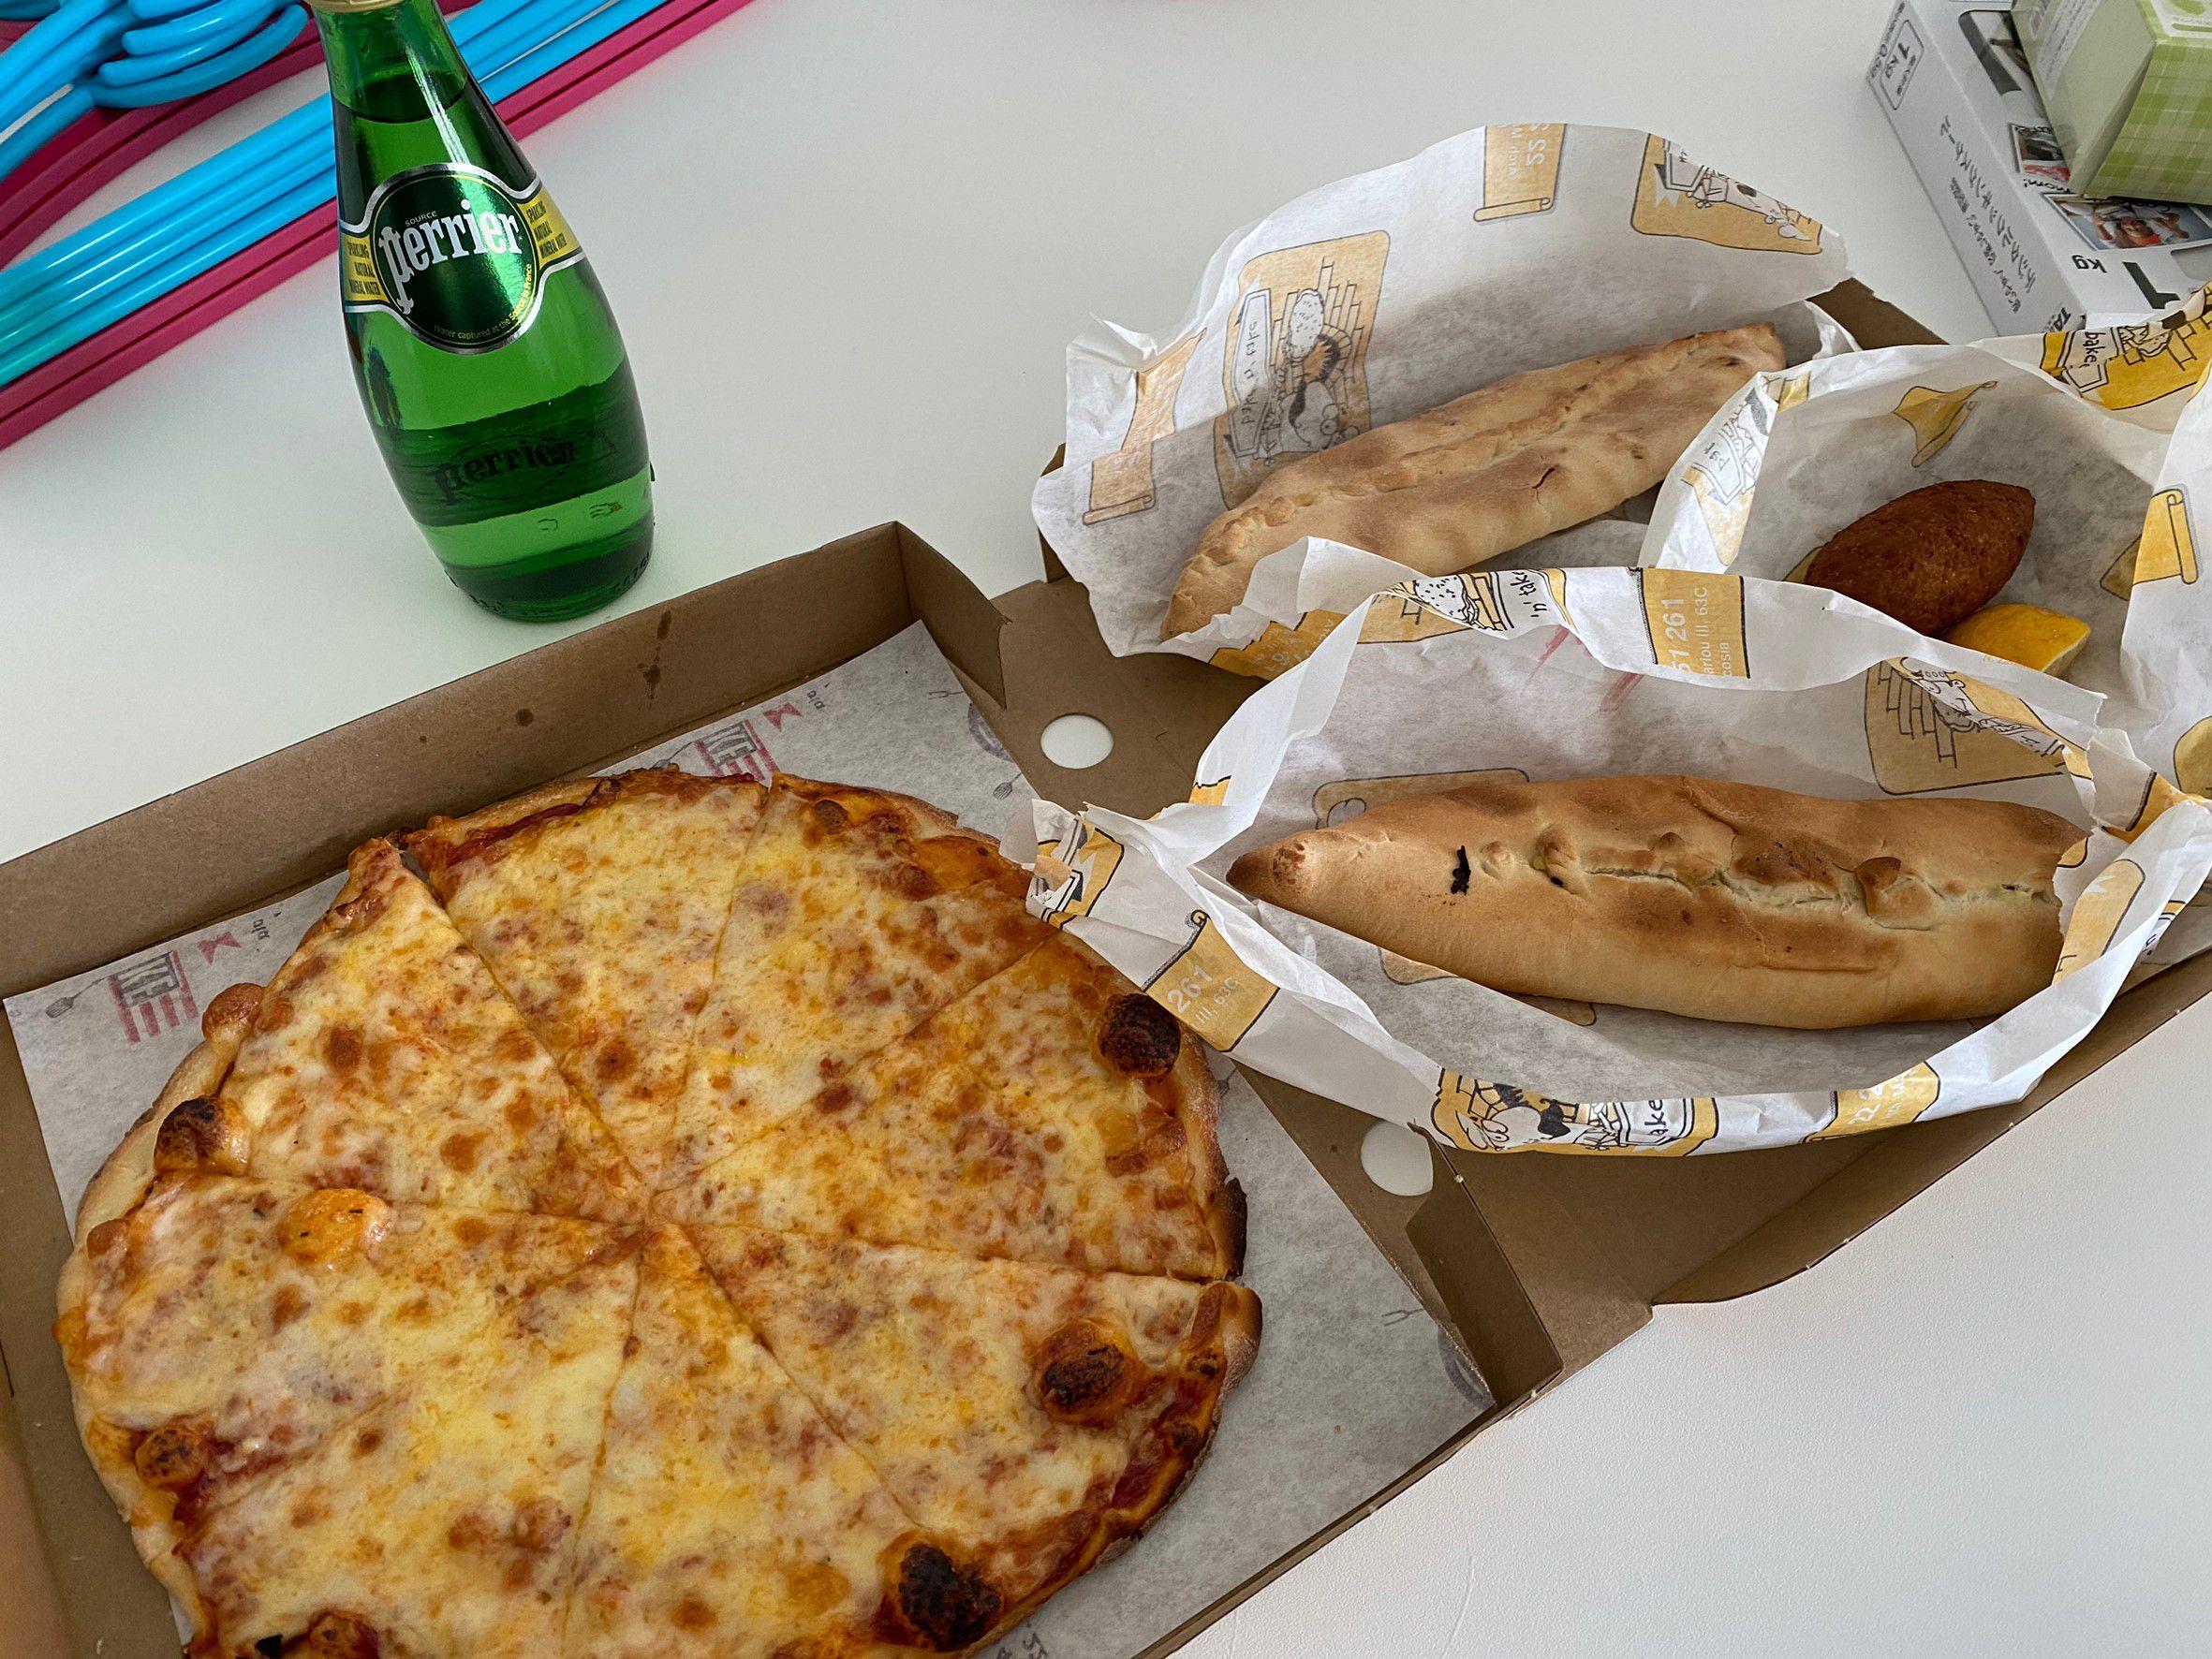 ピザ、パイ